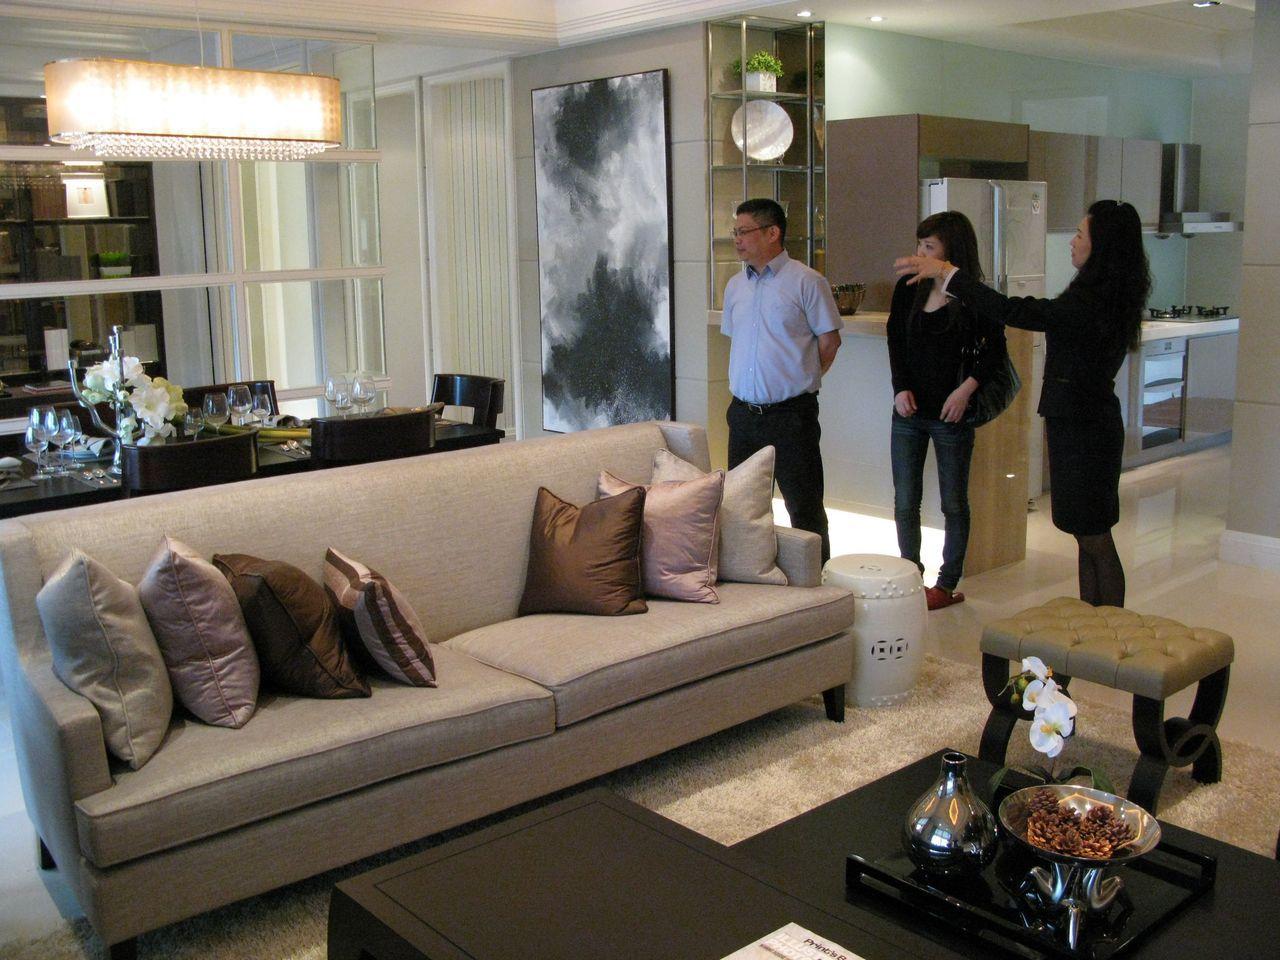 台中市最新推出的勞工住宅每坪只要13萬元,無殼的勞工有福了。記者宋健生/攝影